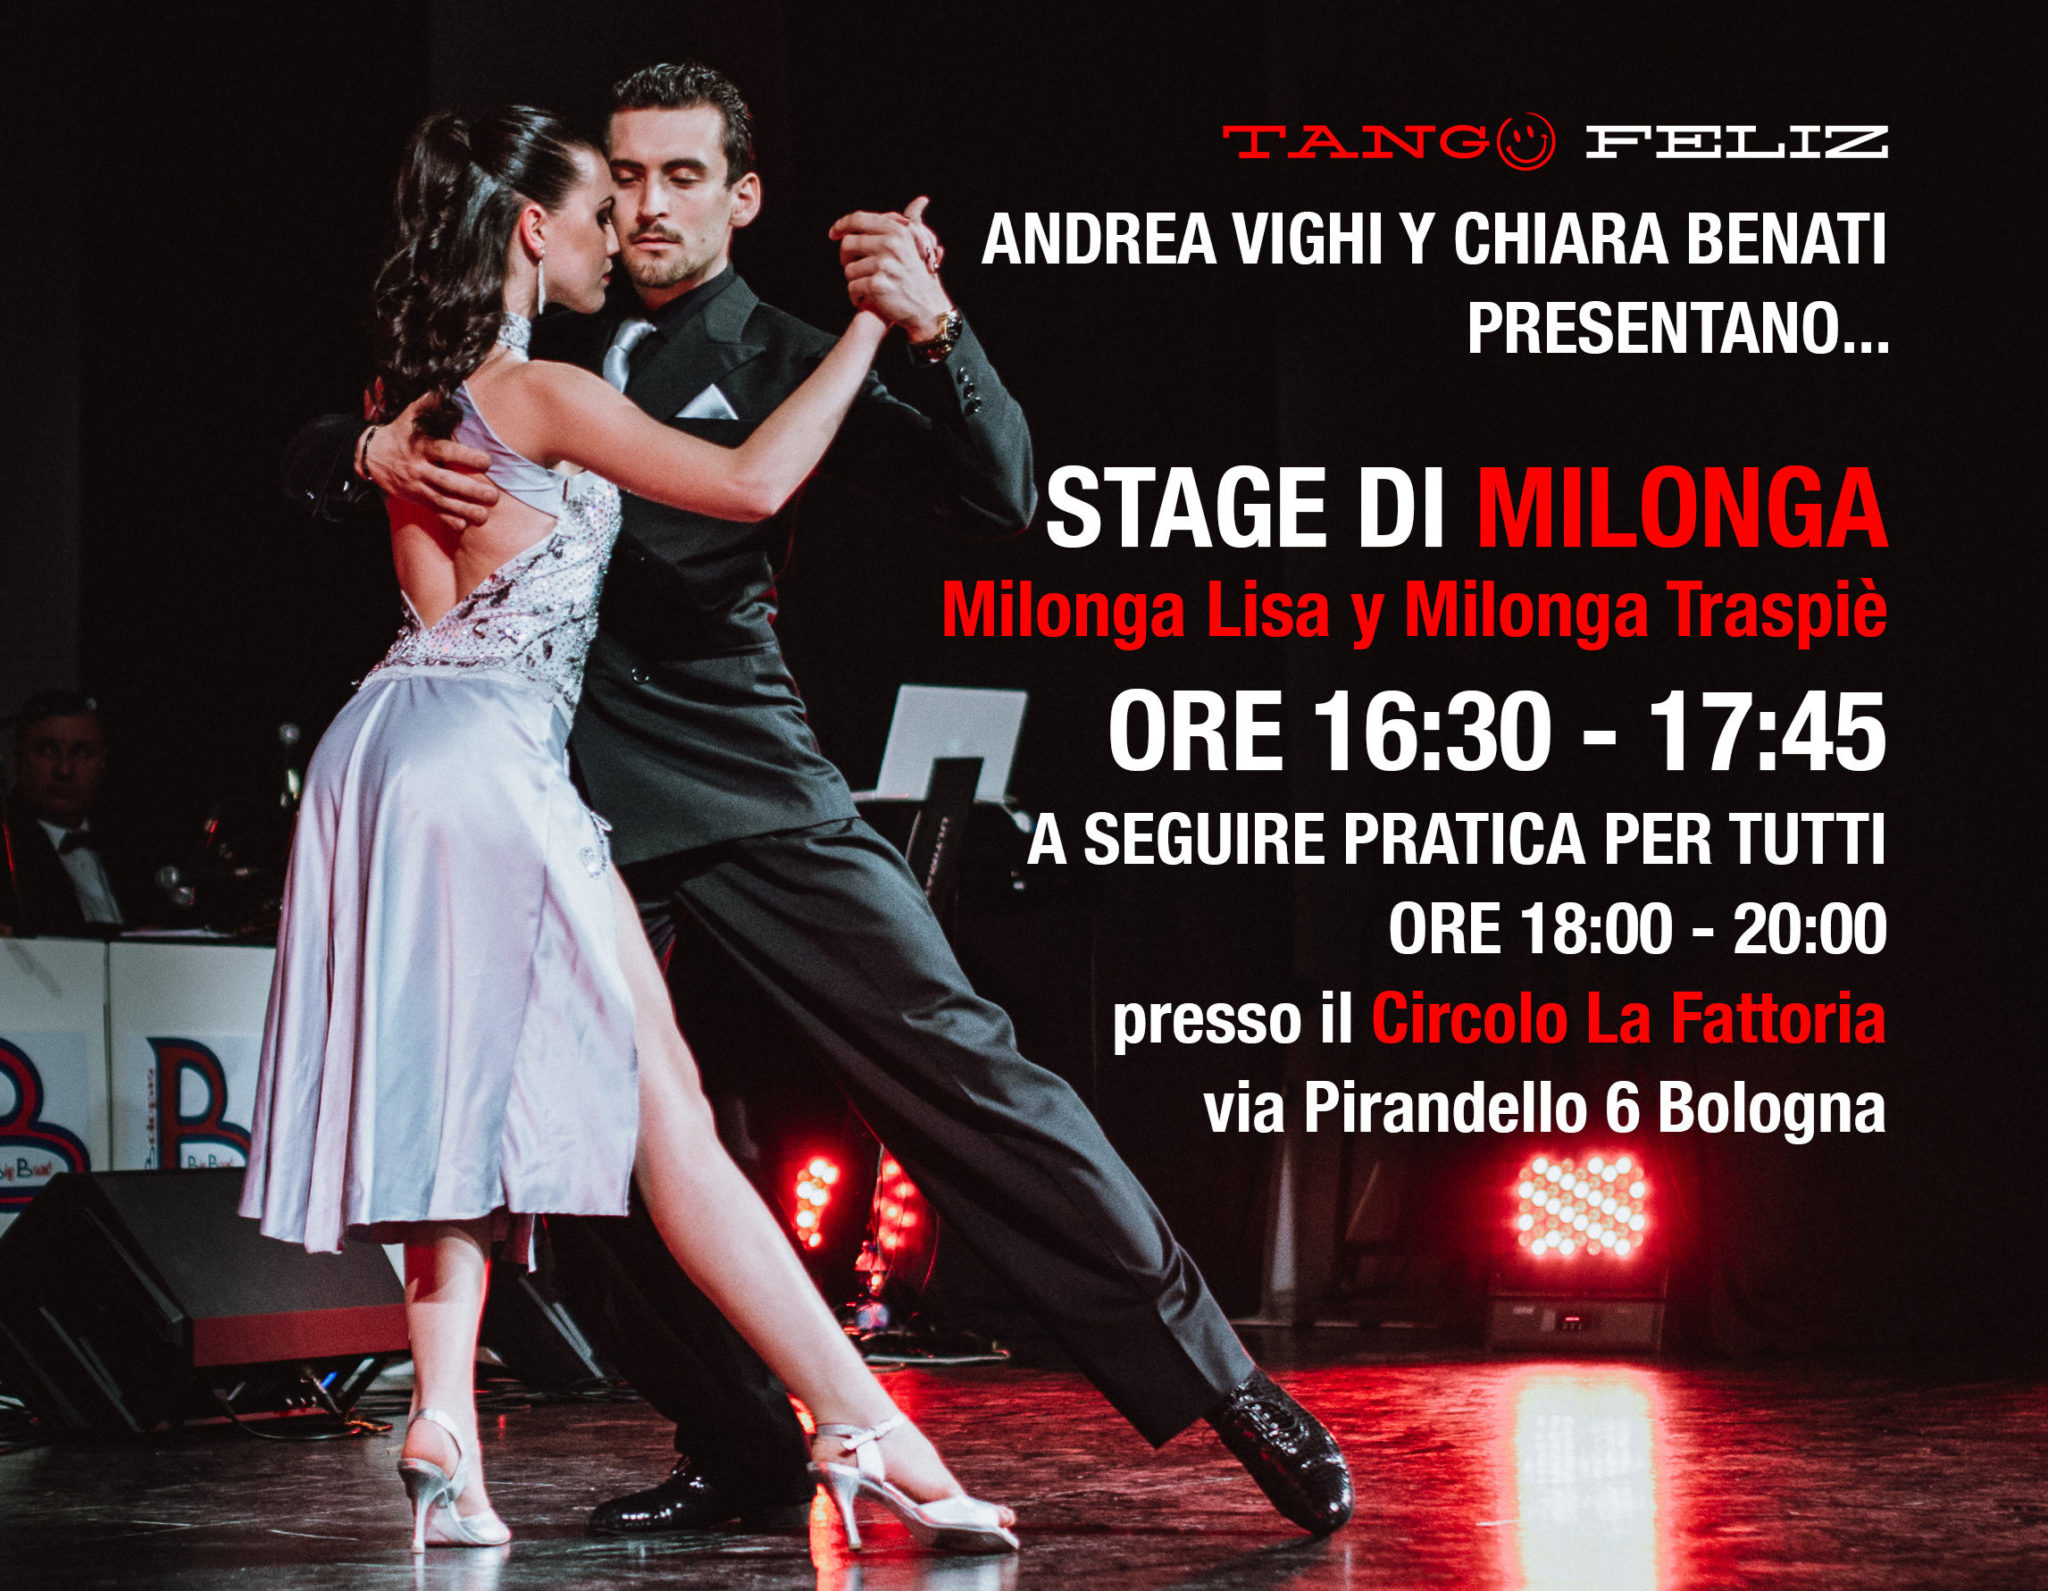 stage milonga domenica 3 dicembre la fattoria tango feliz